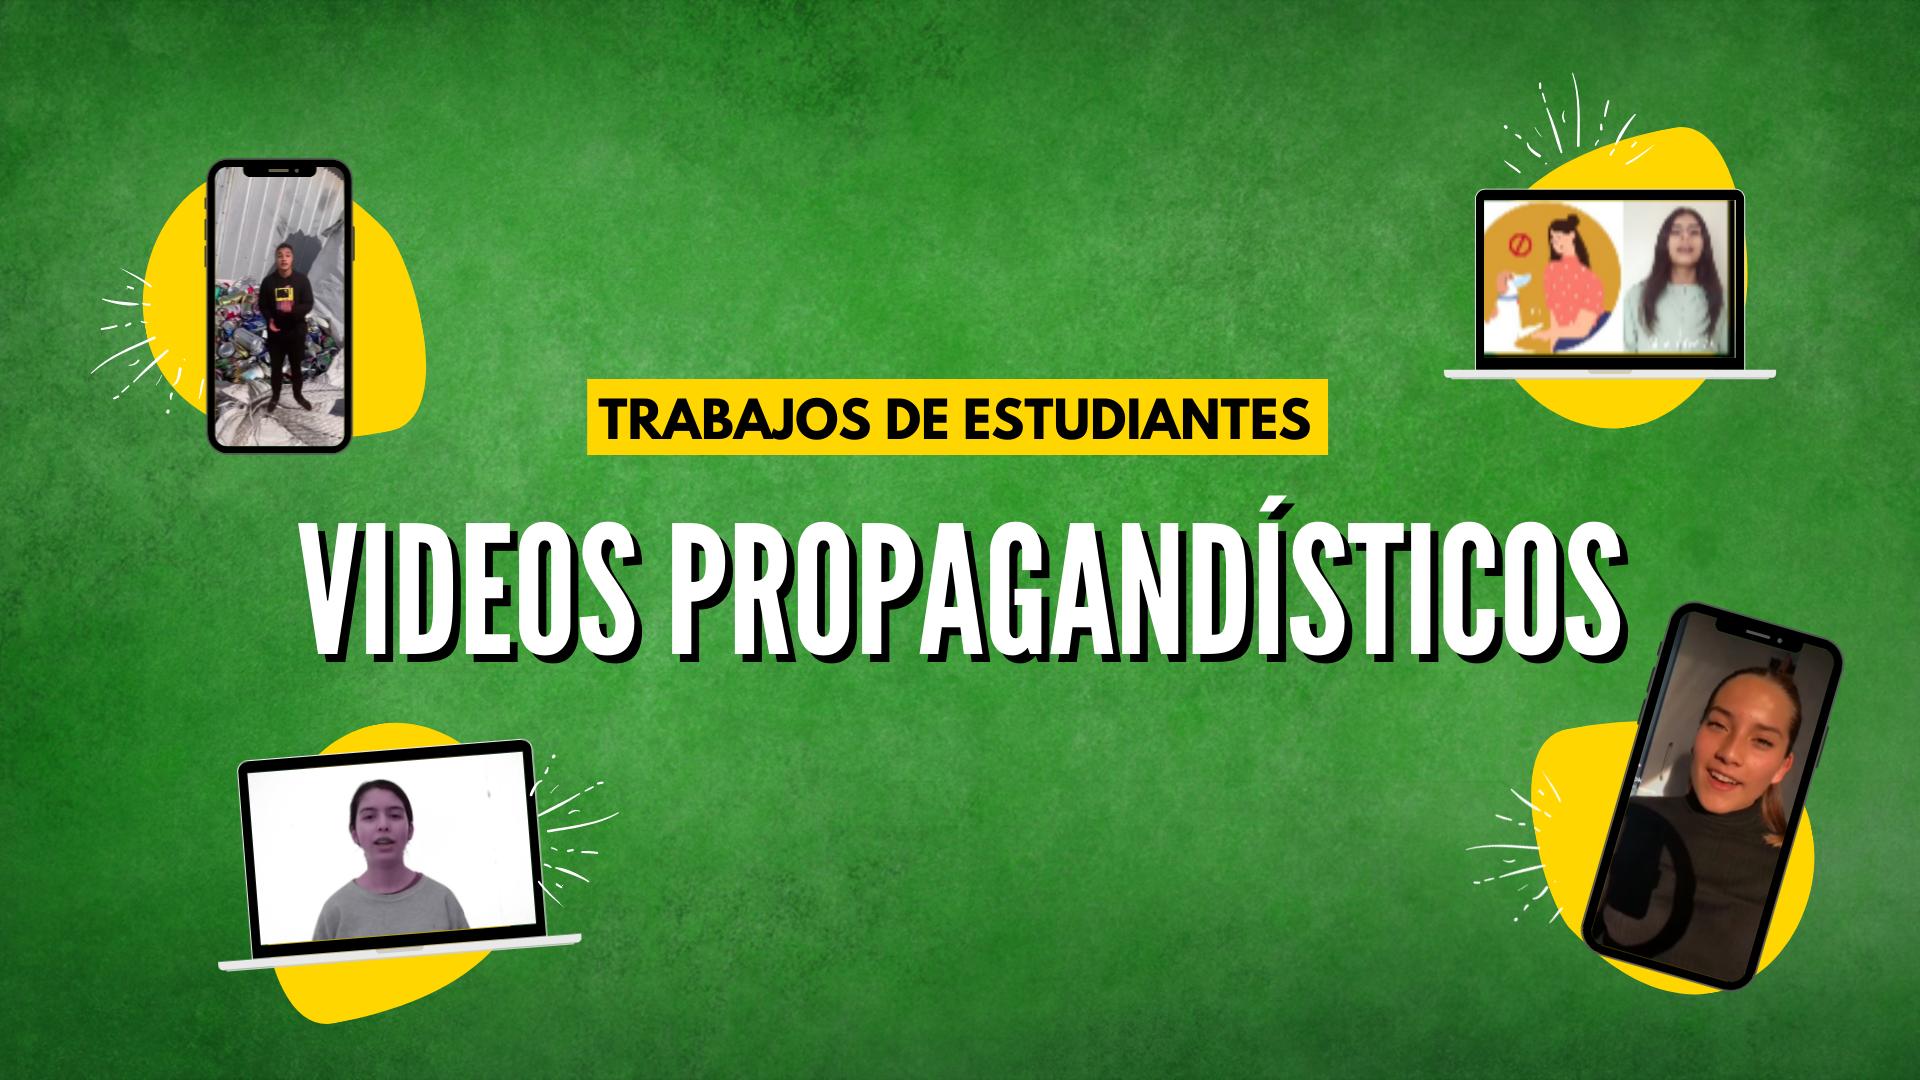 ESTUDIANTES REALIZAN TRABAJOS DE VIDEOS PROPAGANDÍSTICOS